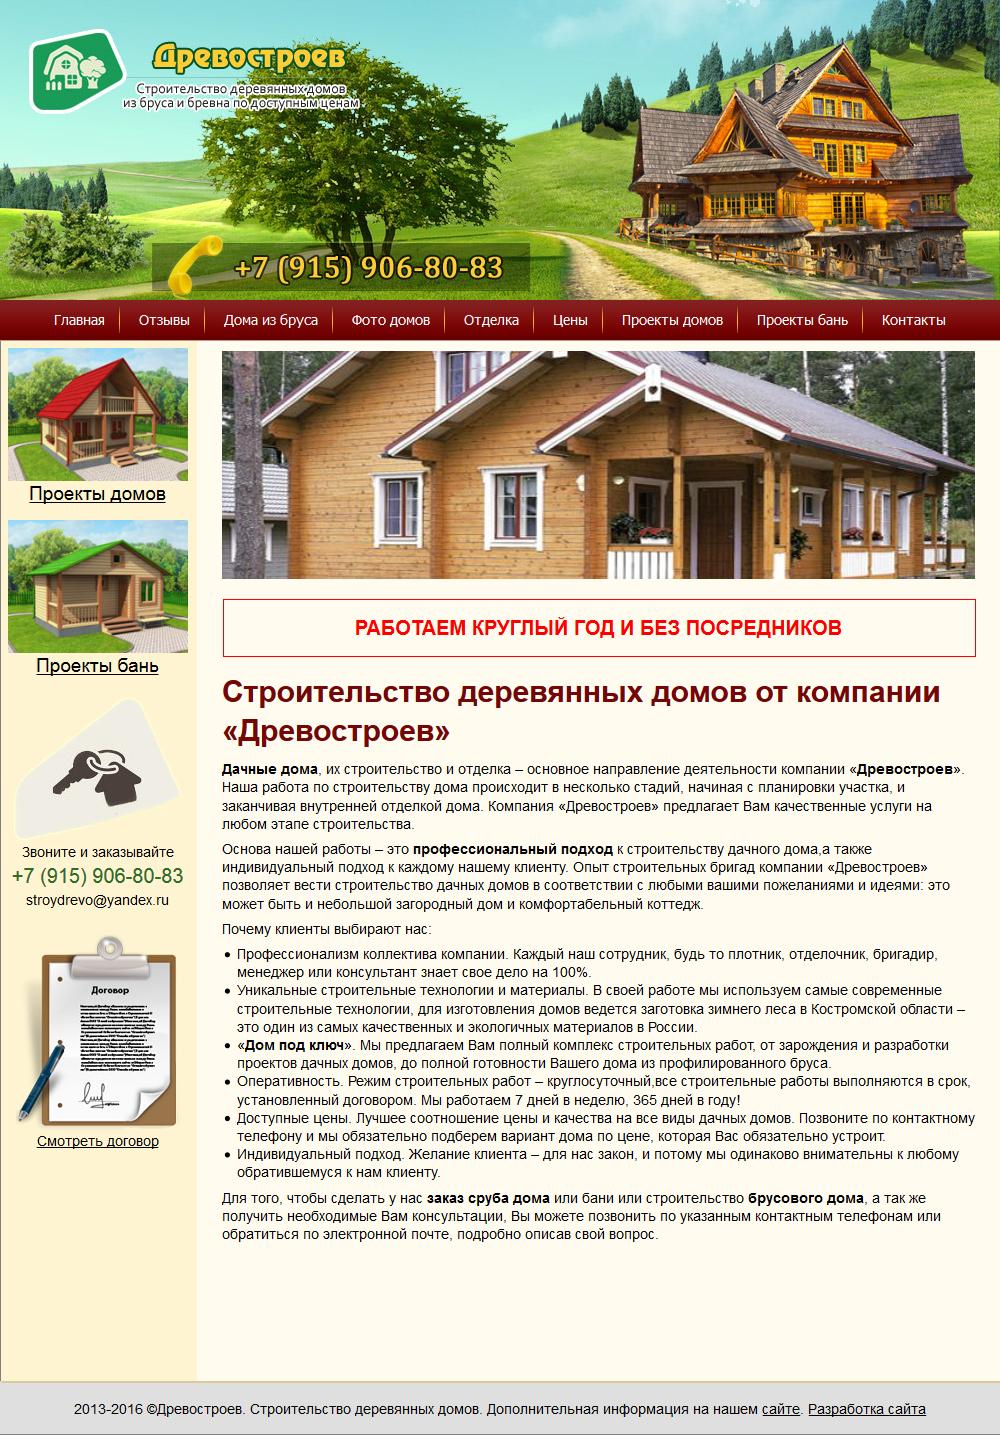 Сайт строительной компании «Древостроев». Создание сайтов в Костроме